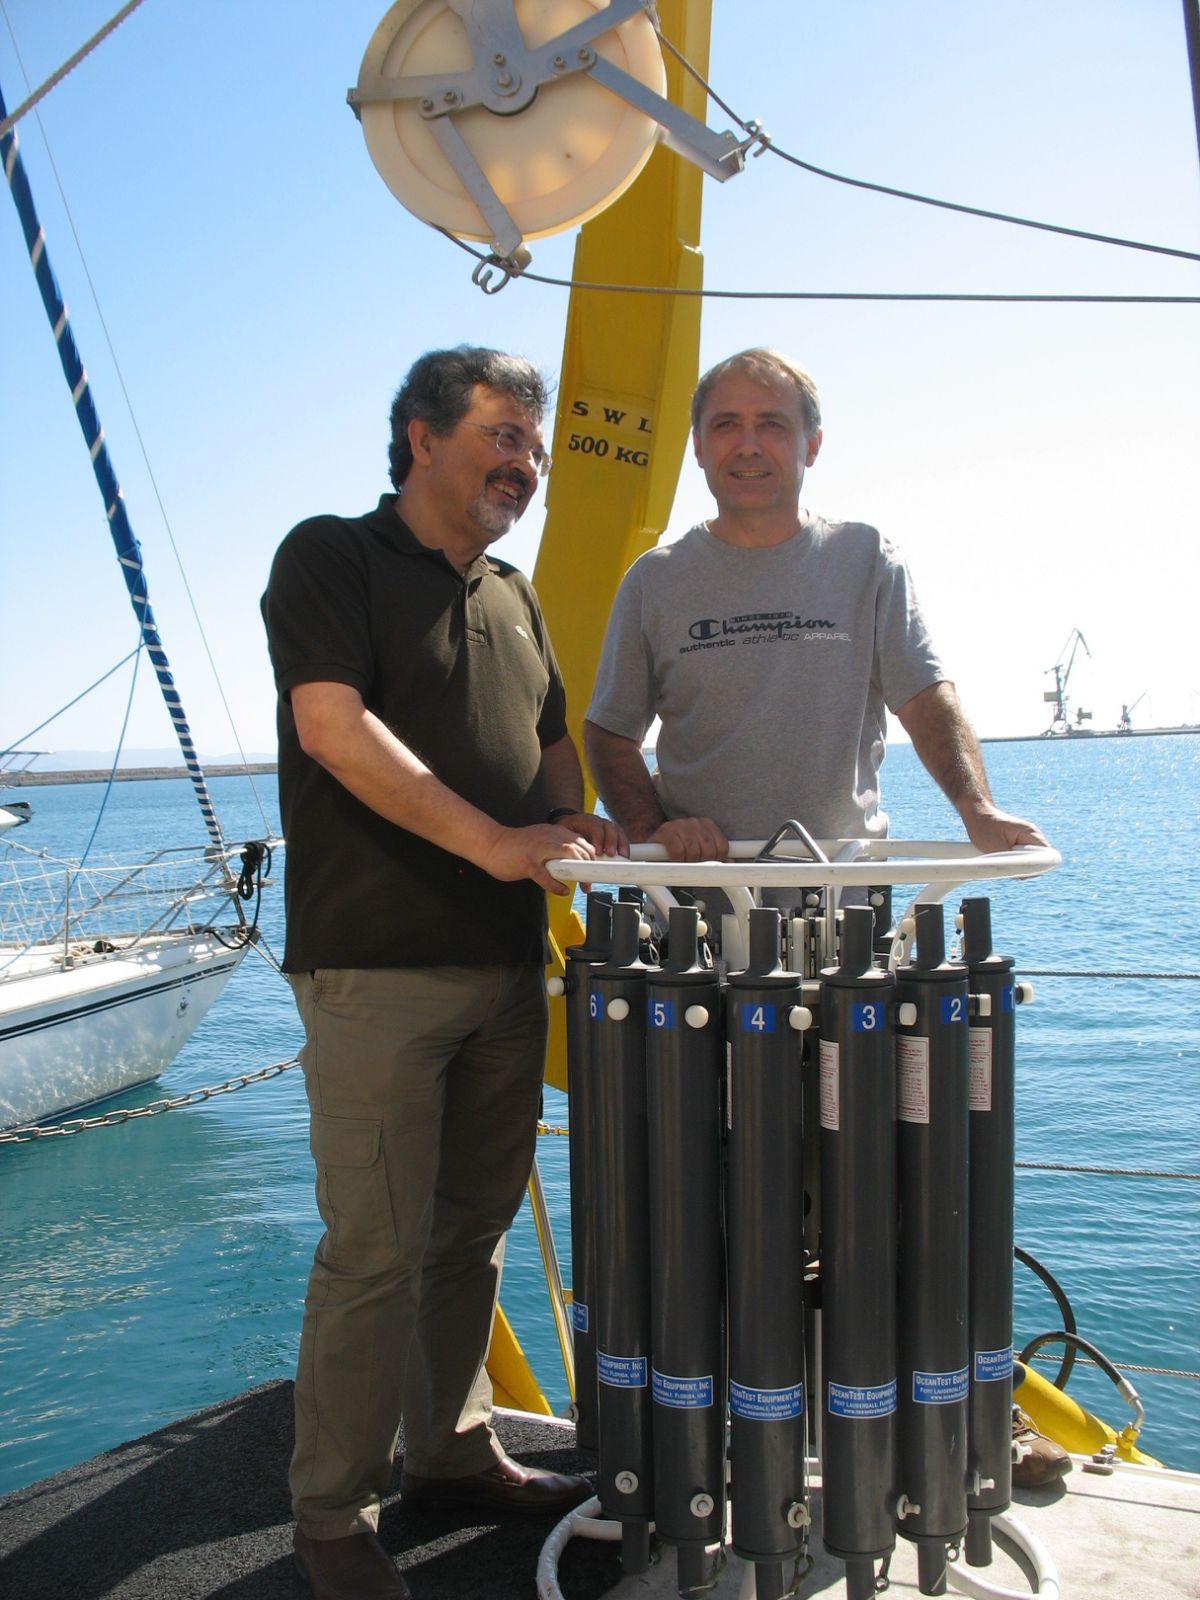 Α. Μαγουλάς και Γ. Κωτούλας στο σκάφος του ΕΛΚΕΘΕ, λίγο πριν τη δειγματοληψία (1)